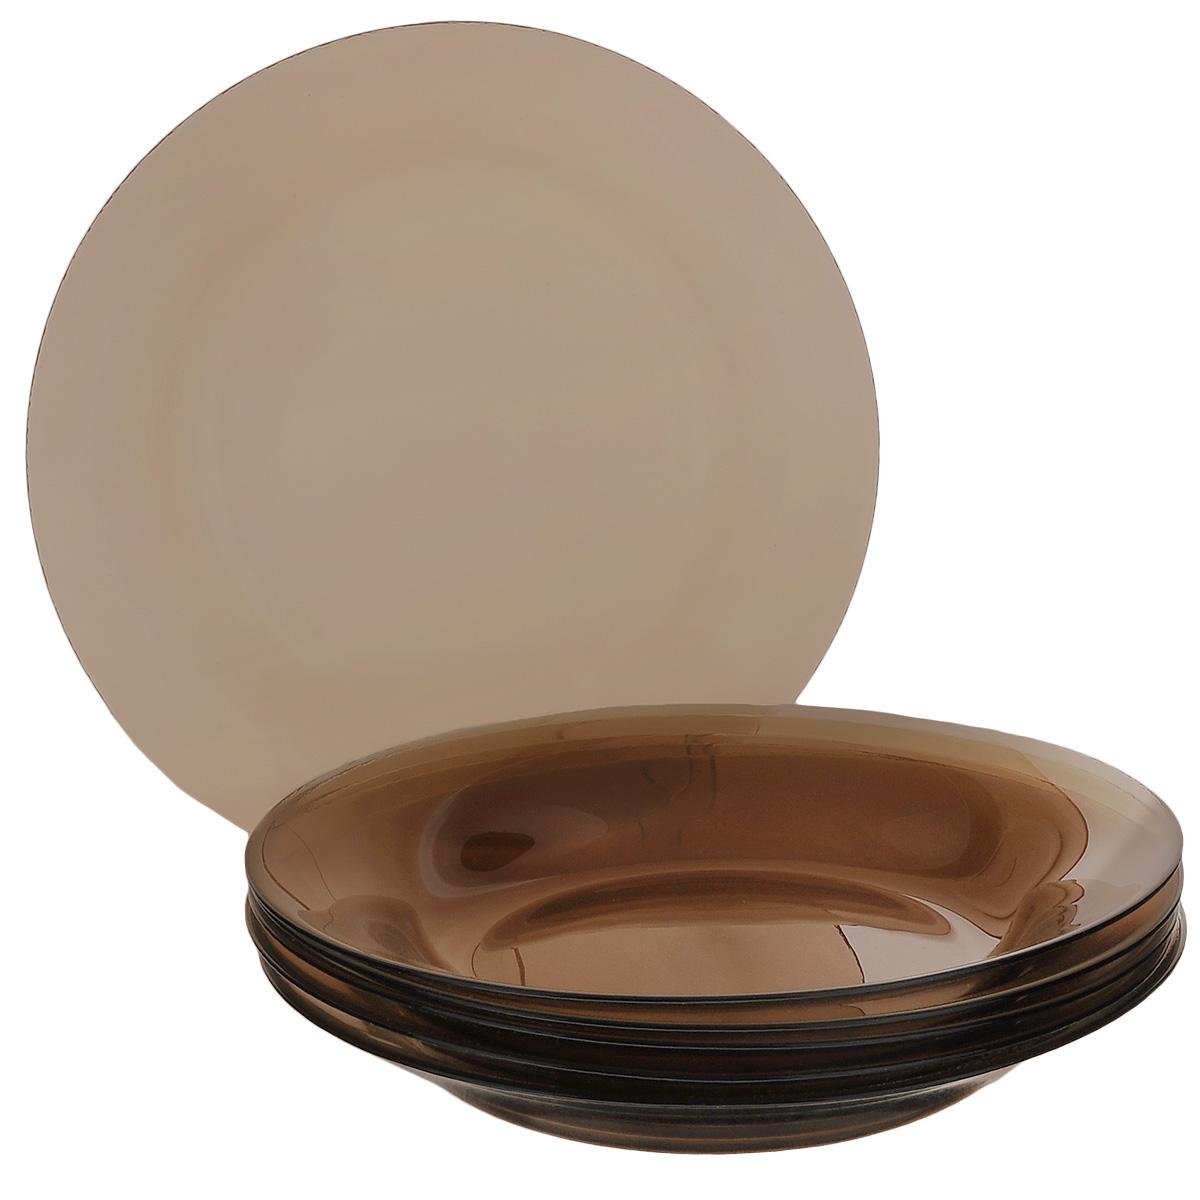 Набор тарелок Pasabahce Workshop Bronze, диаметр 22 см, 6 шт. 10331BZ10331BZНабор Pasabahce Workshop Bronze, выполненный из высококачественного натрий-кальций-силикатного тонированного стекла, состоит из шести суповых тарелок и предназначен для красивой сервировки различных блюд. Набор сочетает в себе изысканный дизайн с максимальной функциональностью. Оригинальность оформления придется по вкусу и ценителям классики, и тем, кто предпочитает утонченность и изящность. Можно использовать в холодильной камере и в микроволновой печи. Можно мыть в посудомоечной машине. Диаметр тарелки: 22 см. Высота тарелки: 3 см.